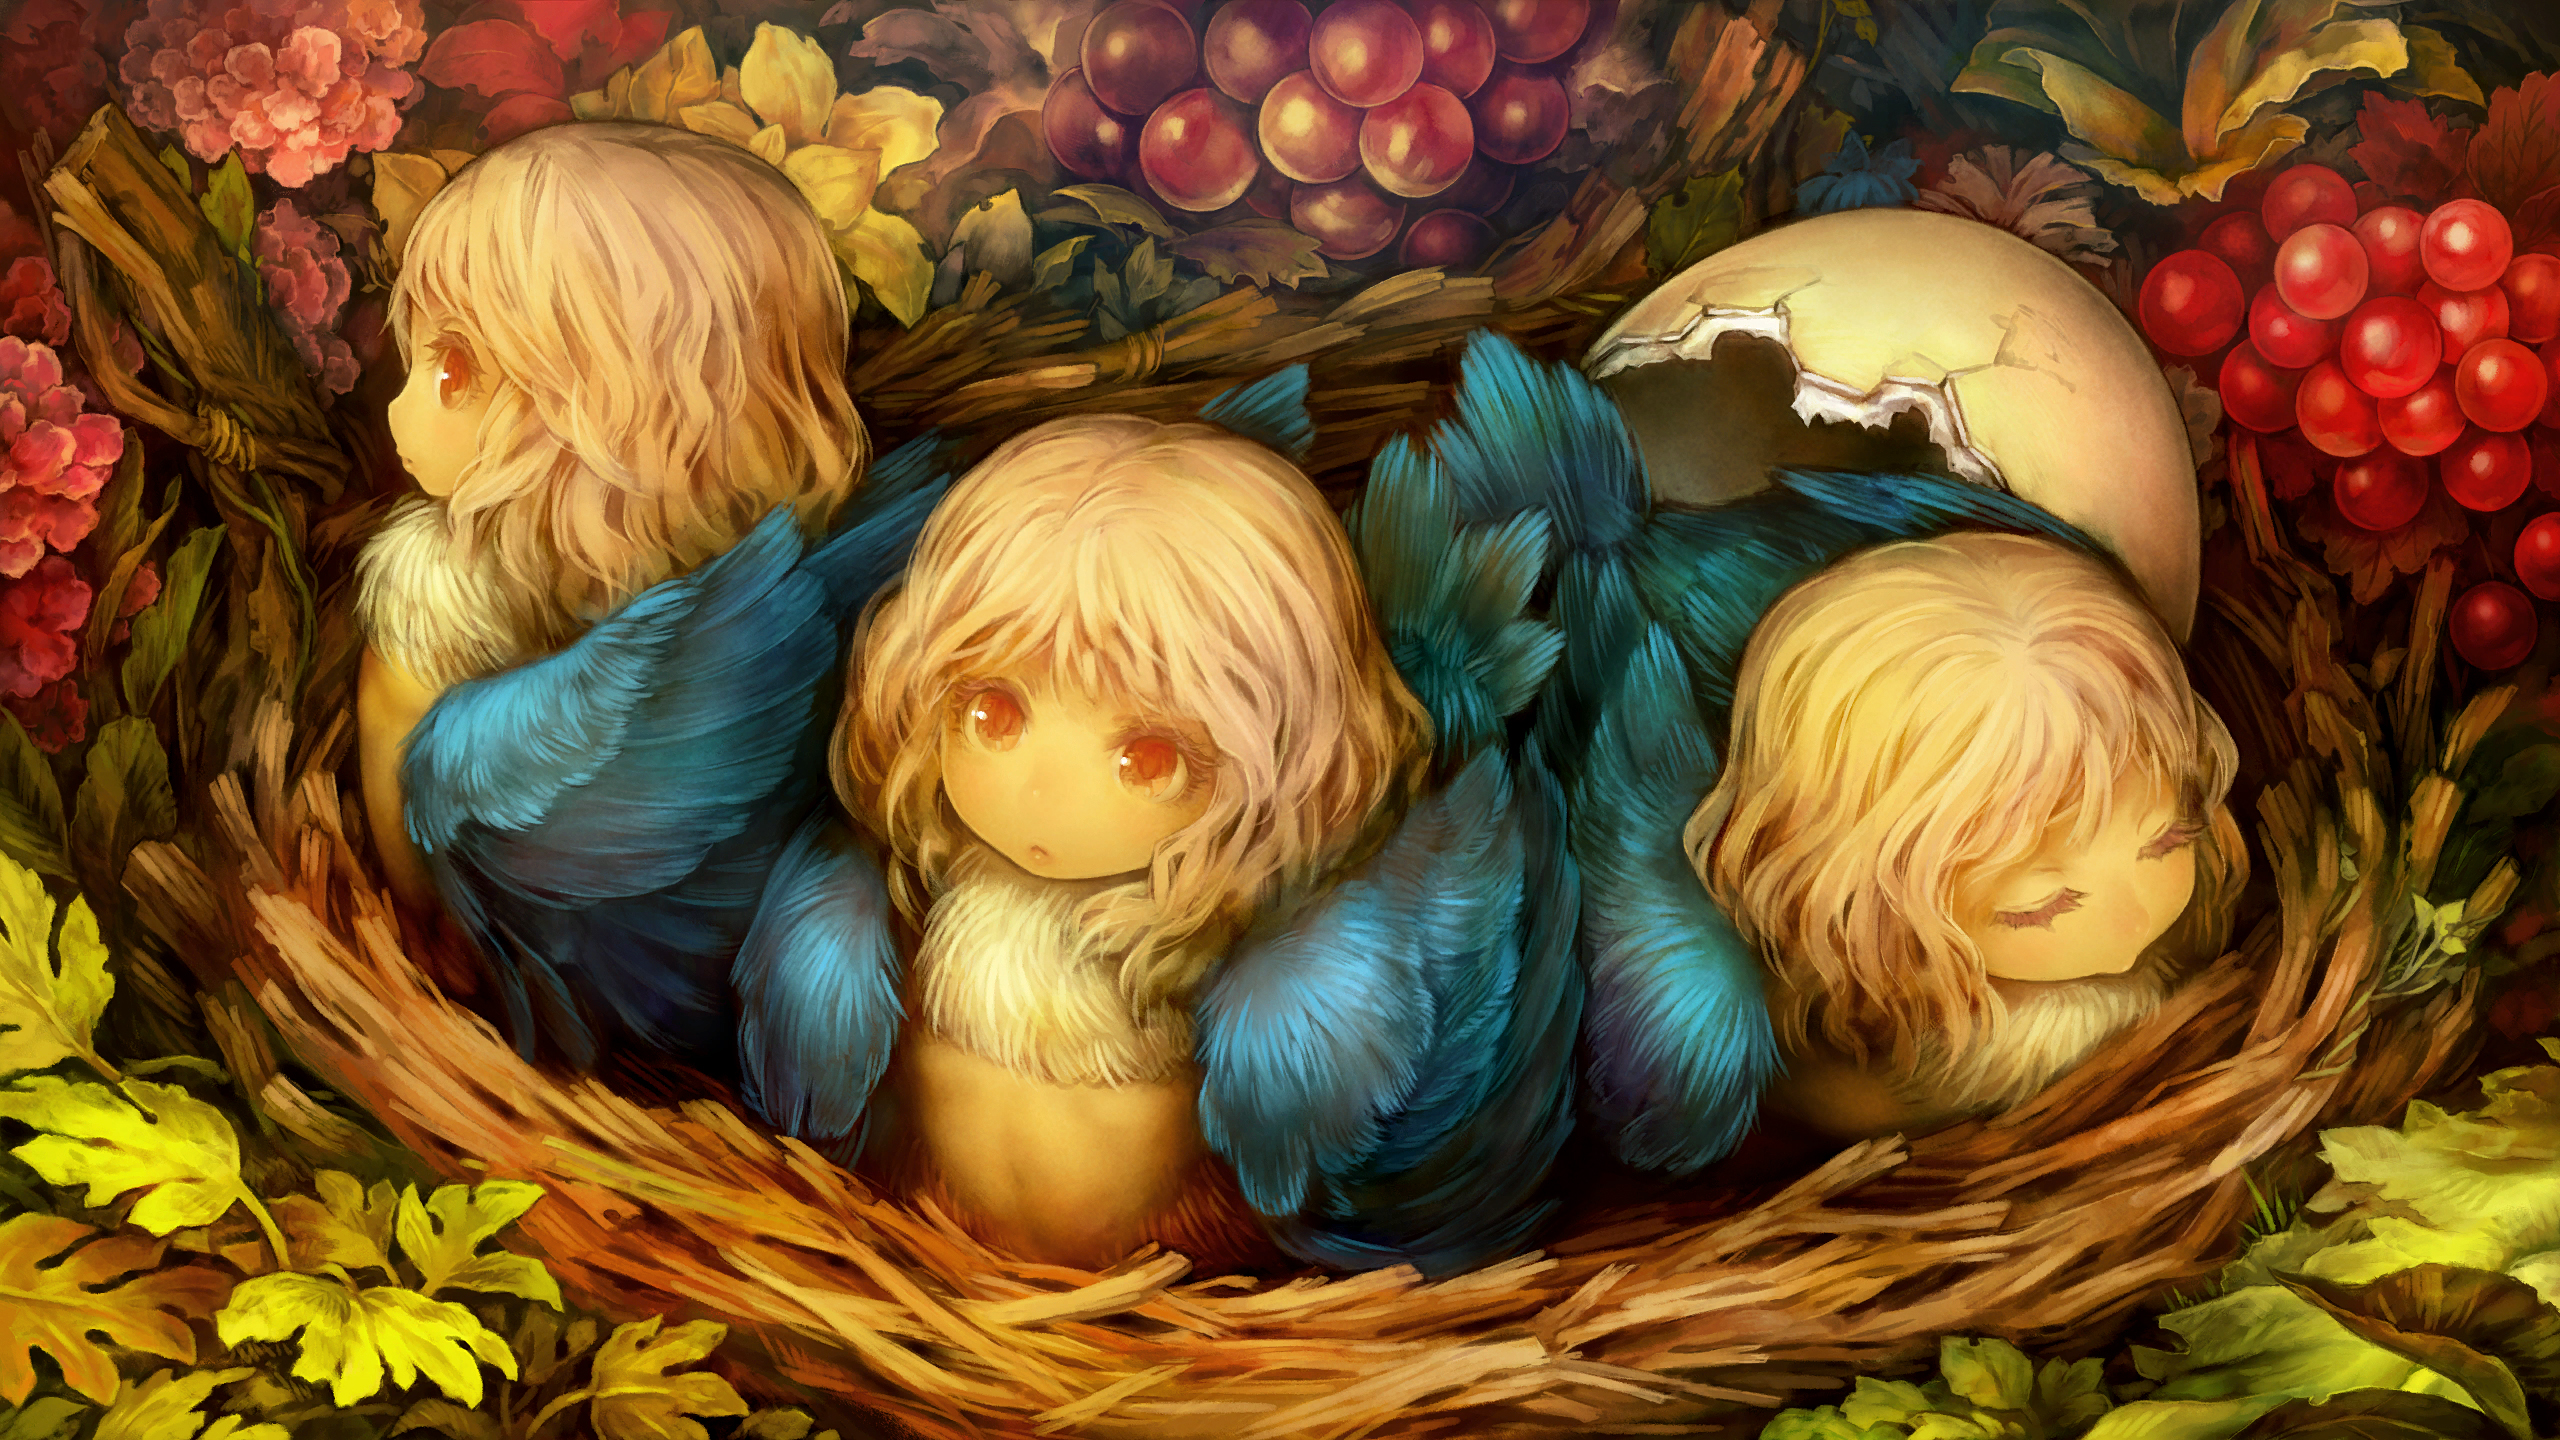 Harpy Chicks